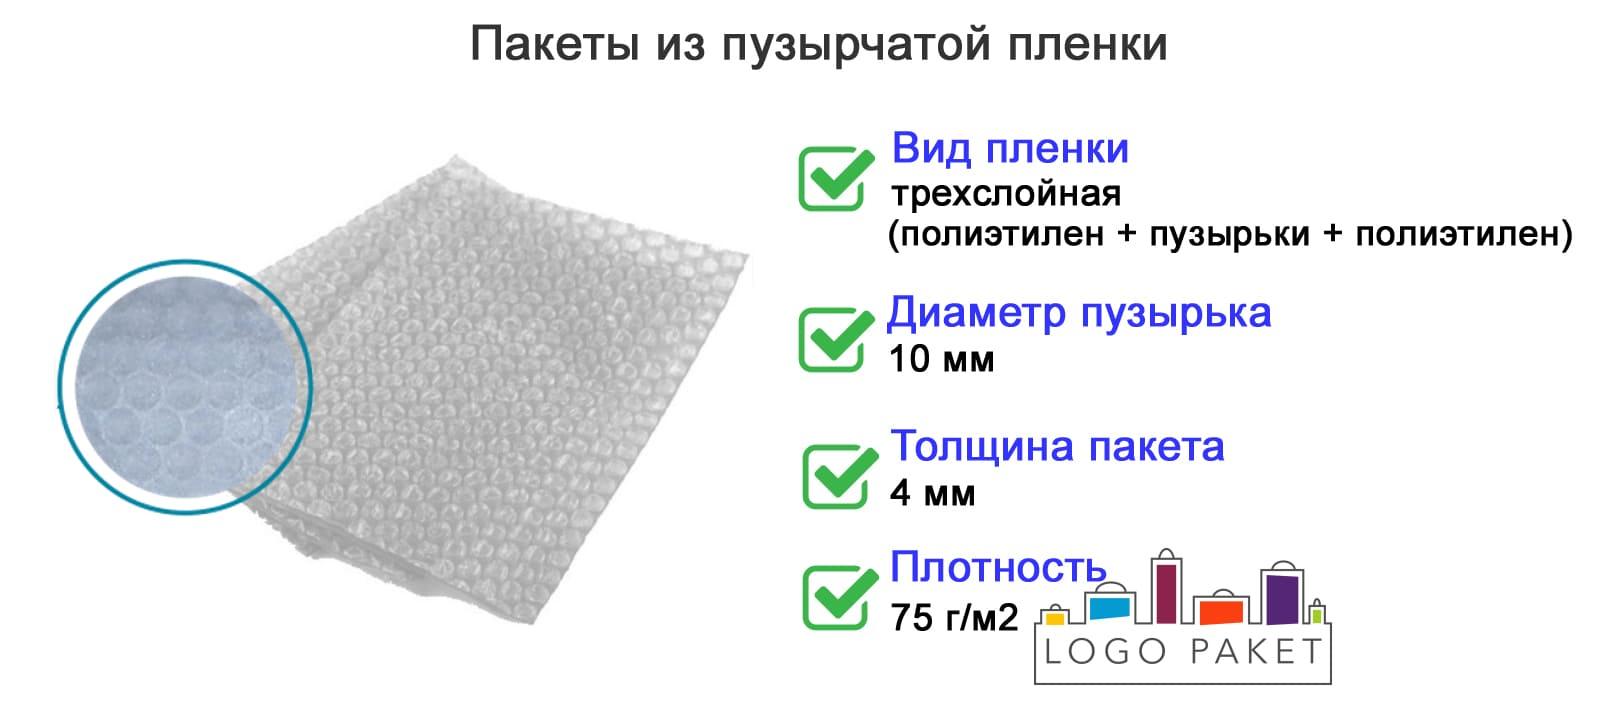 Пакеты из воздушно-пузырчатой пленки инфографика